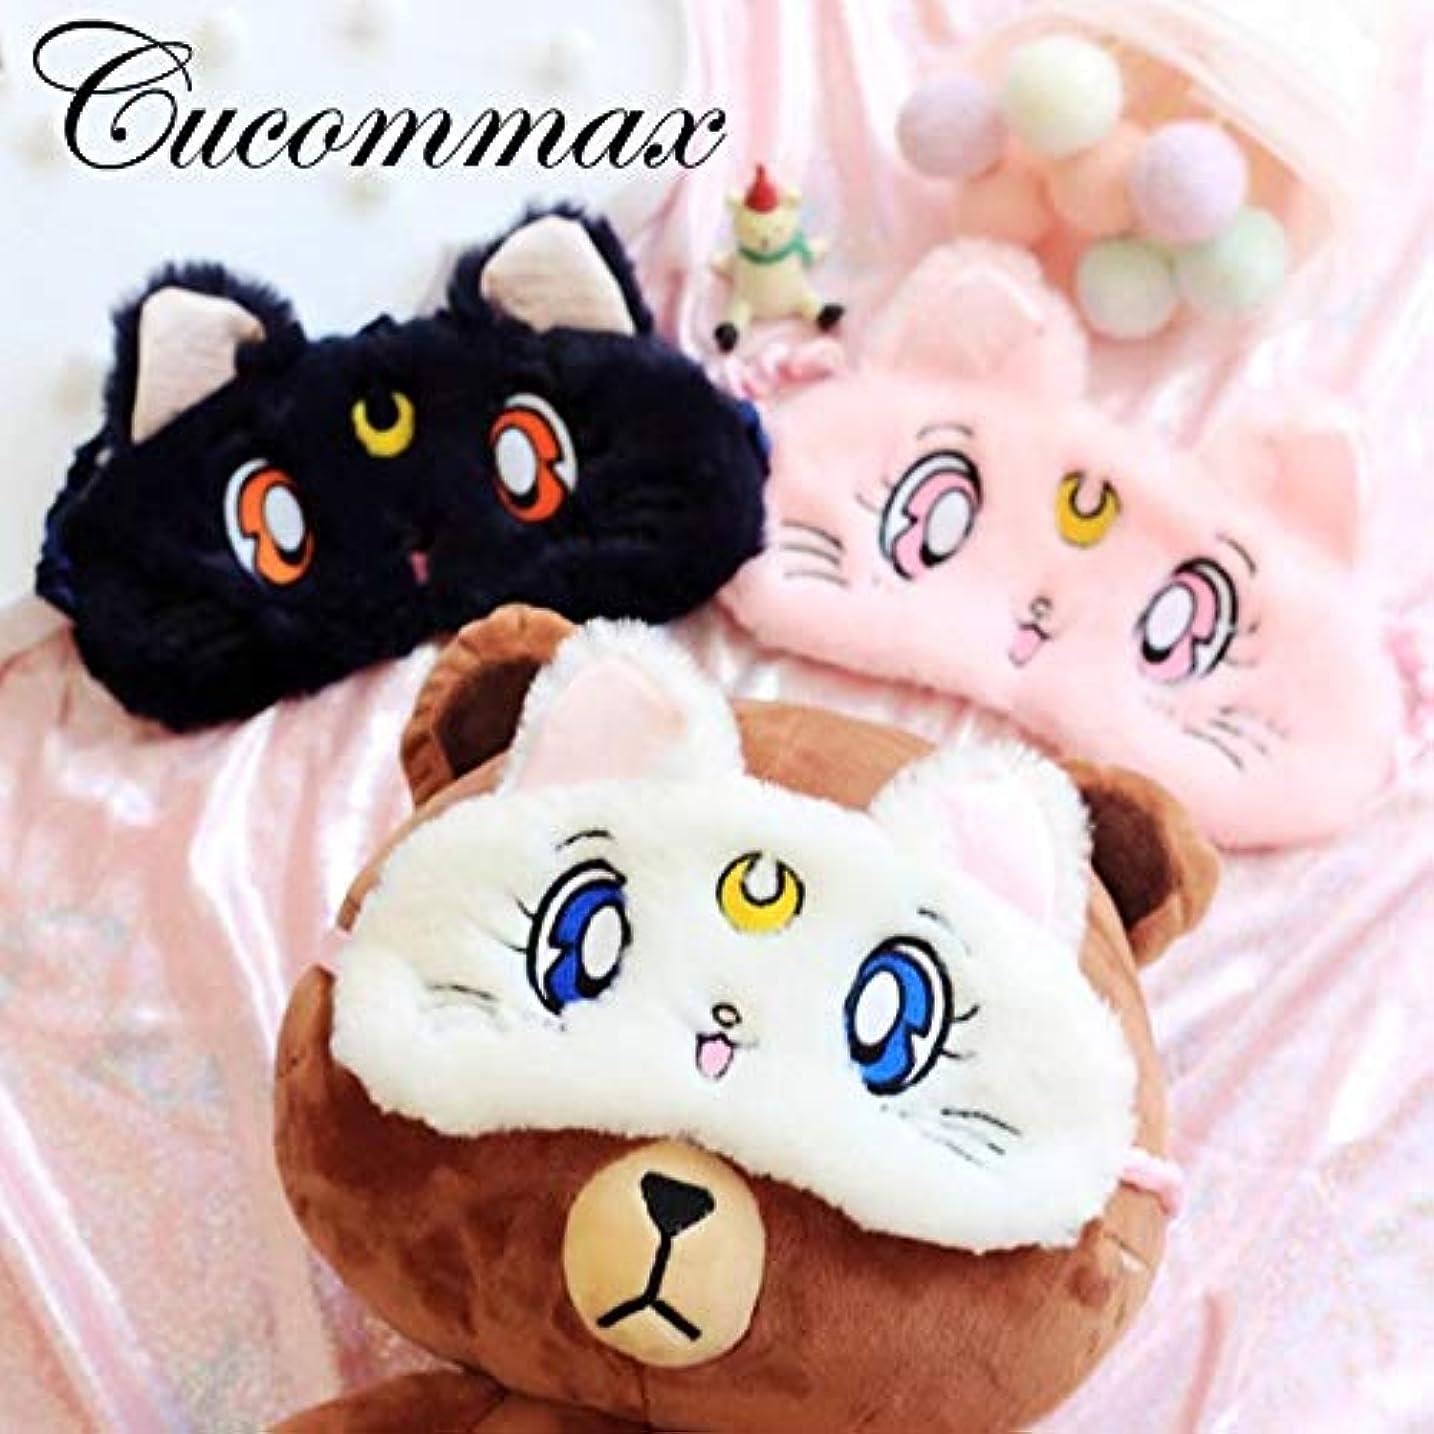 選択するクラブどこか注Cucommax 1ピースかわいい猫リラックスアイスまたはホット圧縮アイシェード睡眠マスクブラックマスク包帯用睡眠 - MSK 58